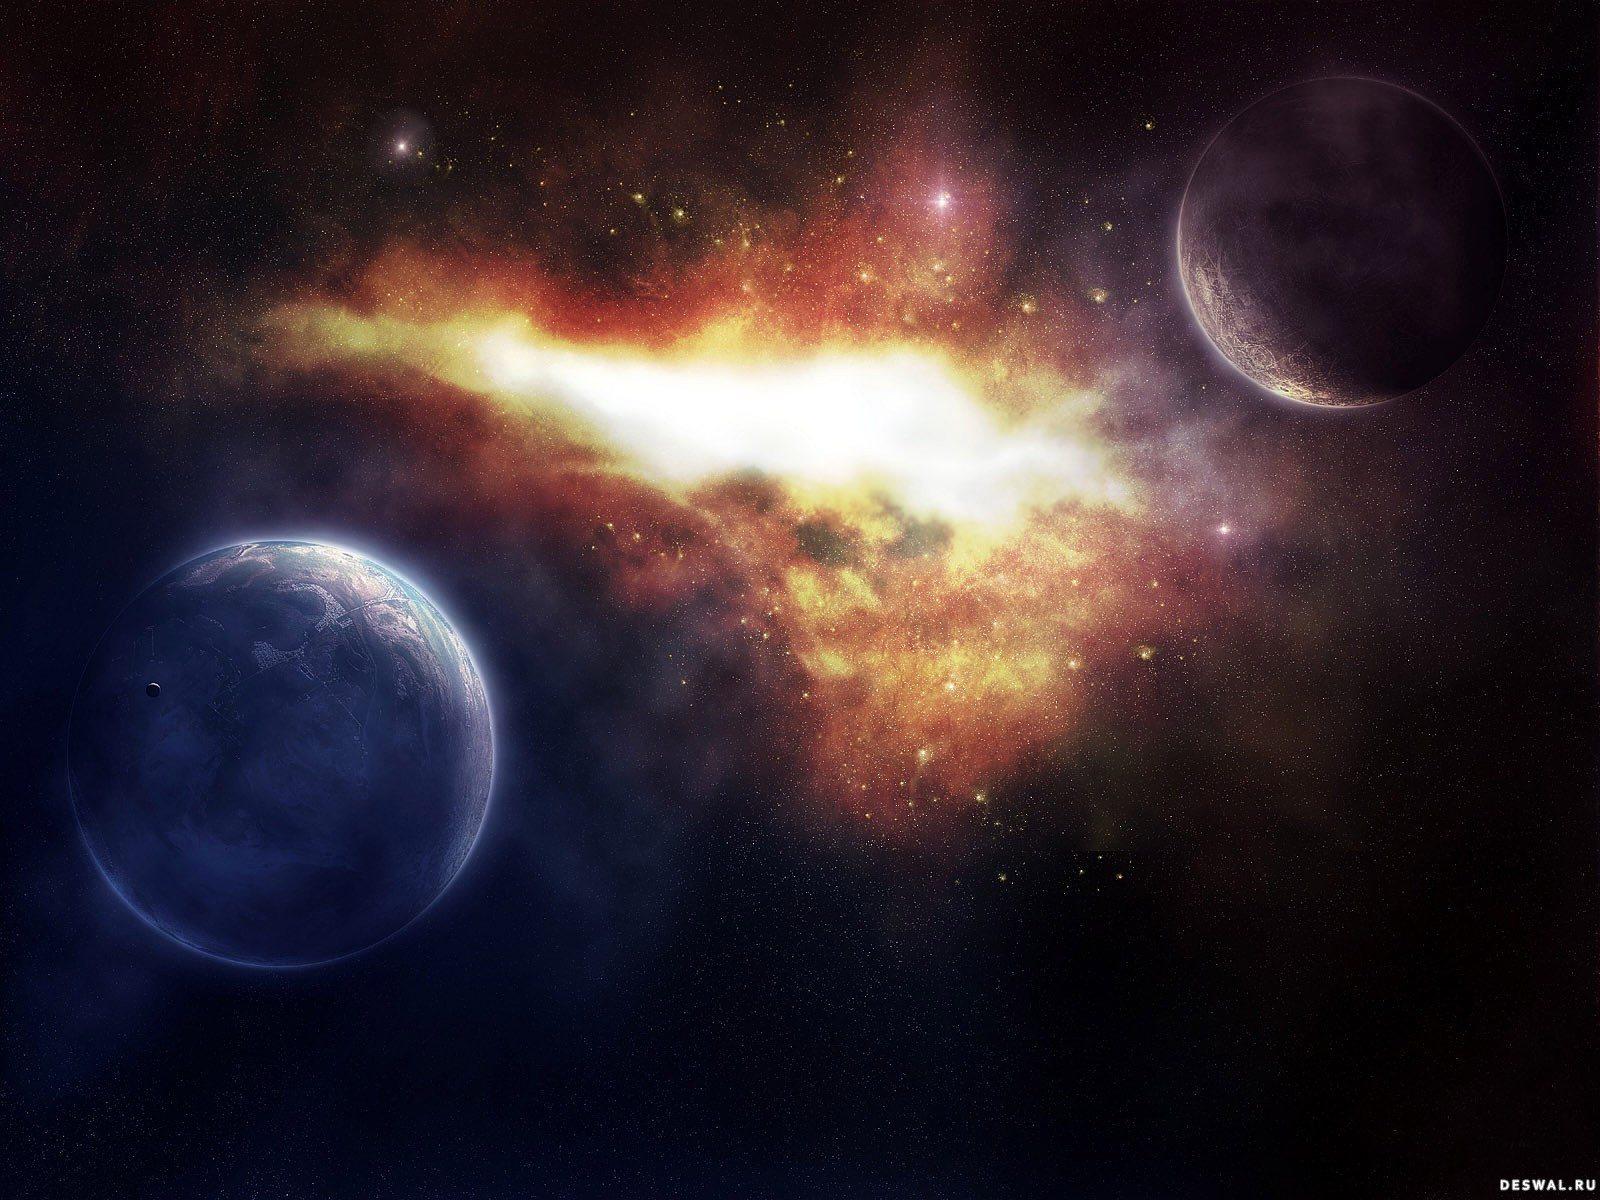 Фото 97.. Нажмите на картинку с обоями космоса, чтобы просмотреть ее в реальном размере